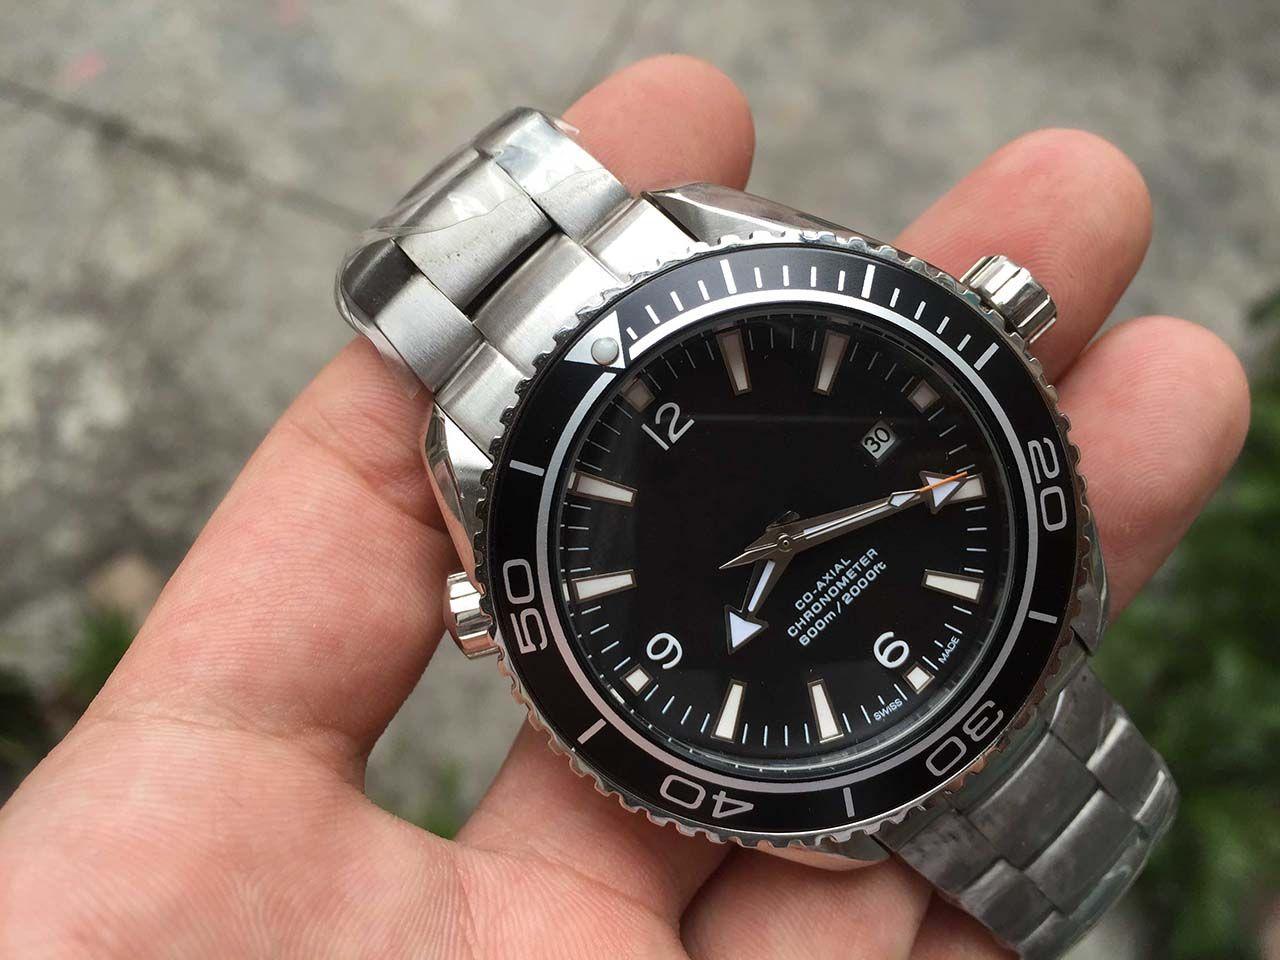 2019 Nowe Wristwatches Moda Zegarek Wysokiej Jakości Czarny Dial Automatyczny Ruch Mechaniczny Zegarek Ze Stali Nierdzewnej Mężczyźni Zegarki Ome30